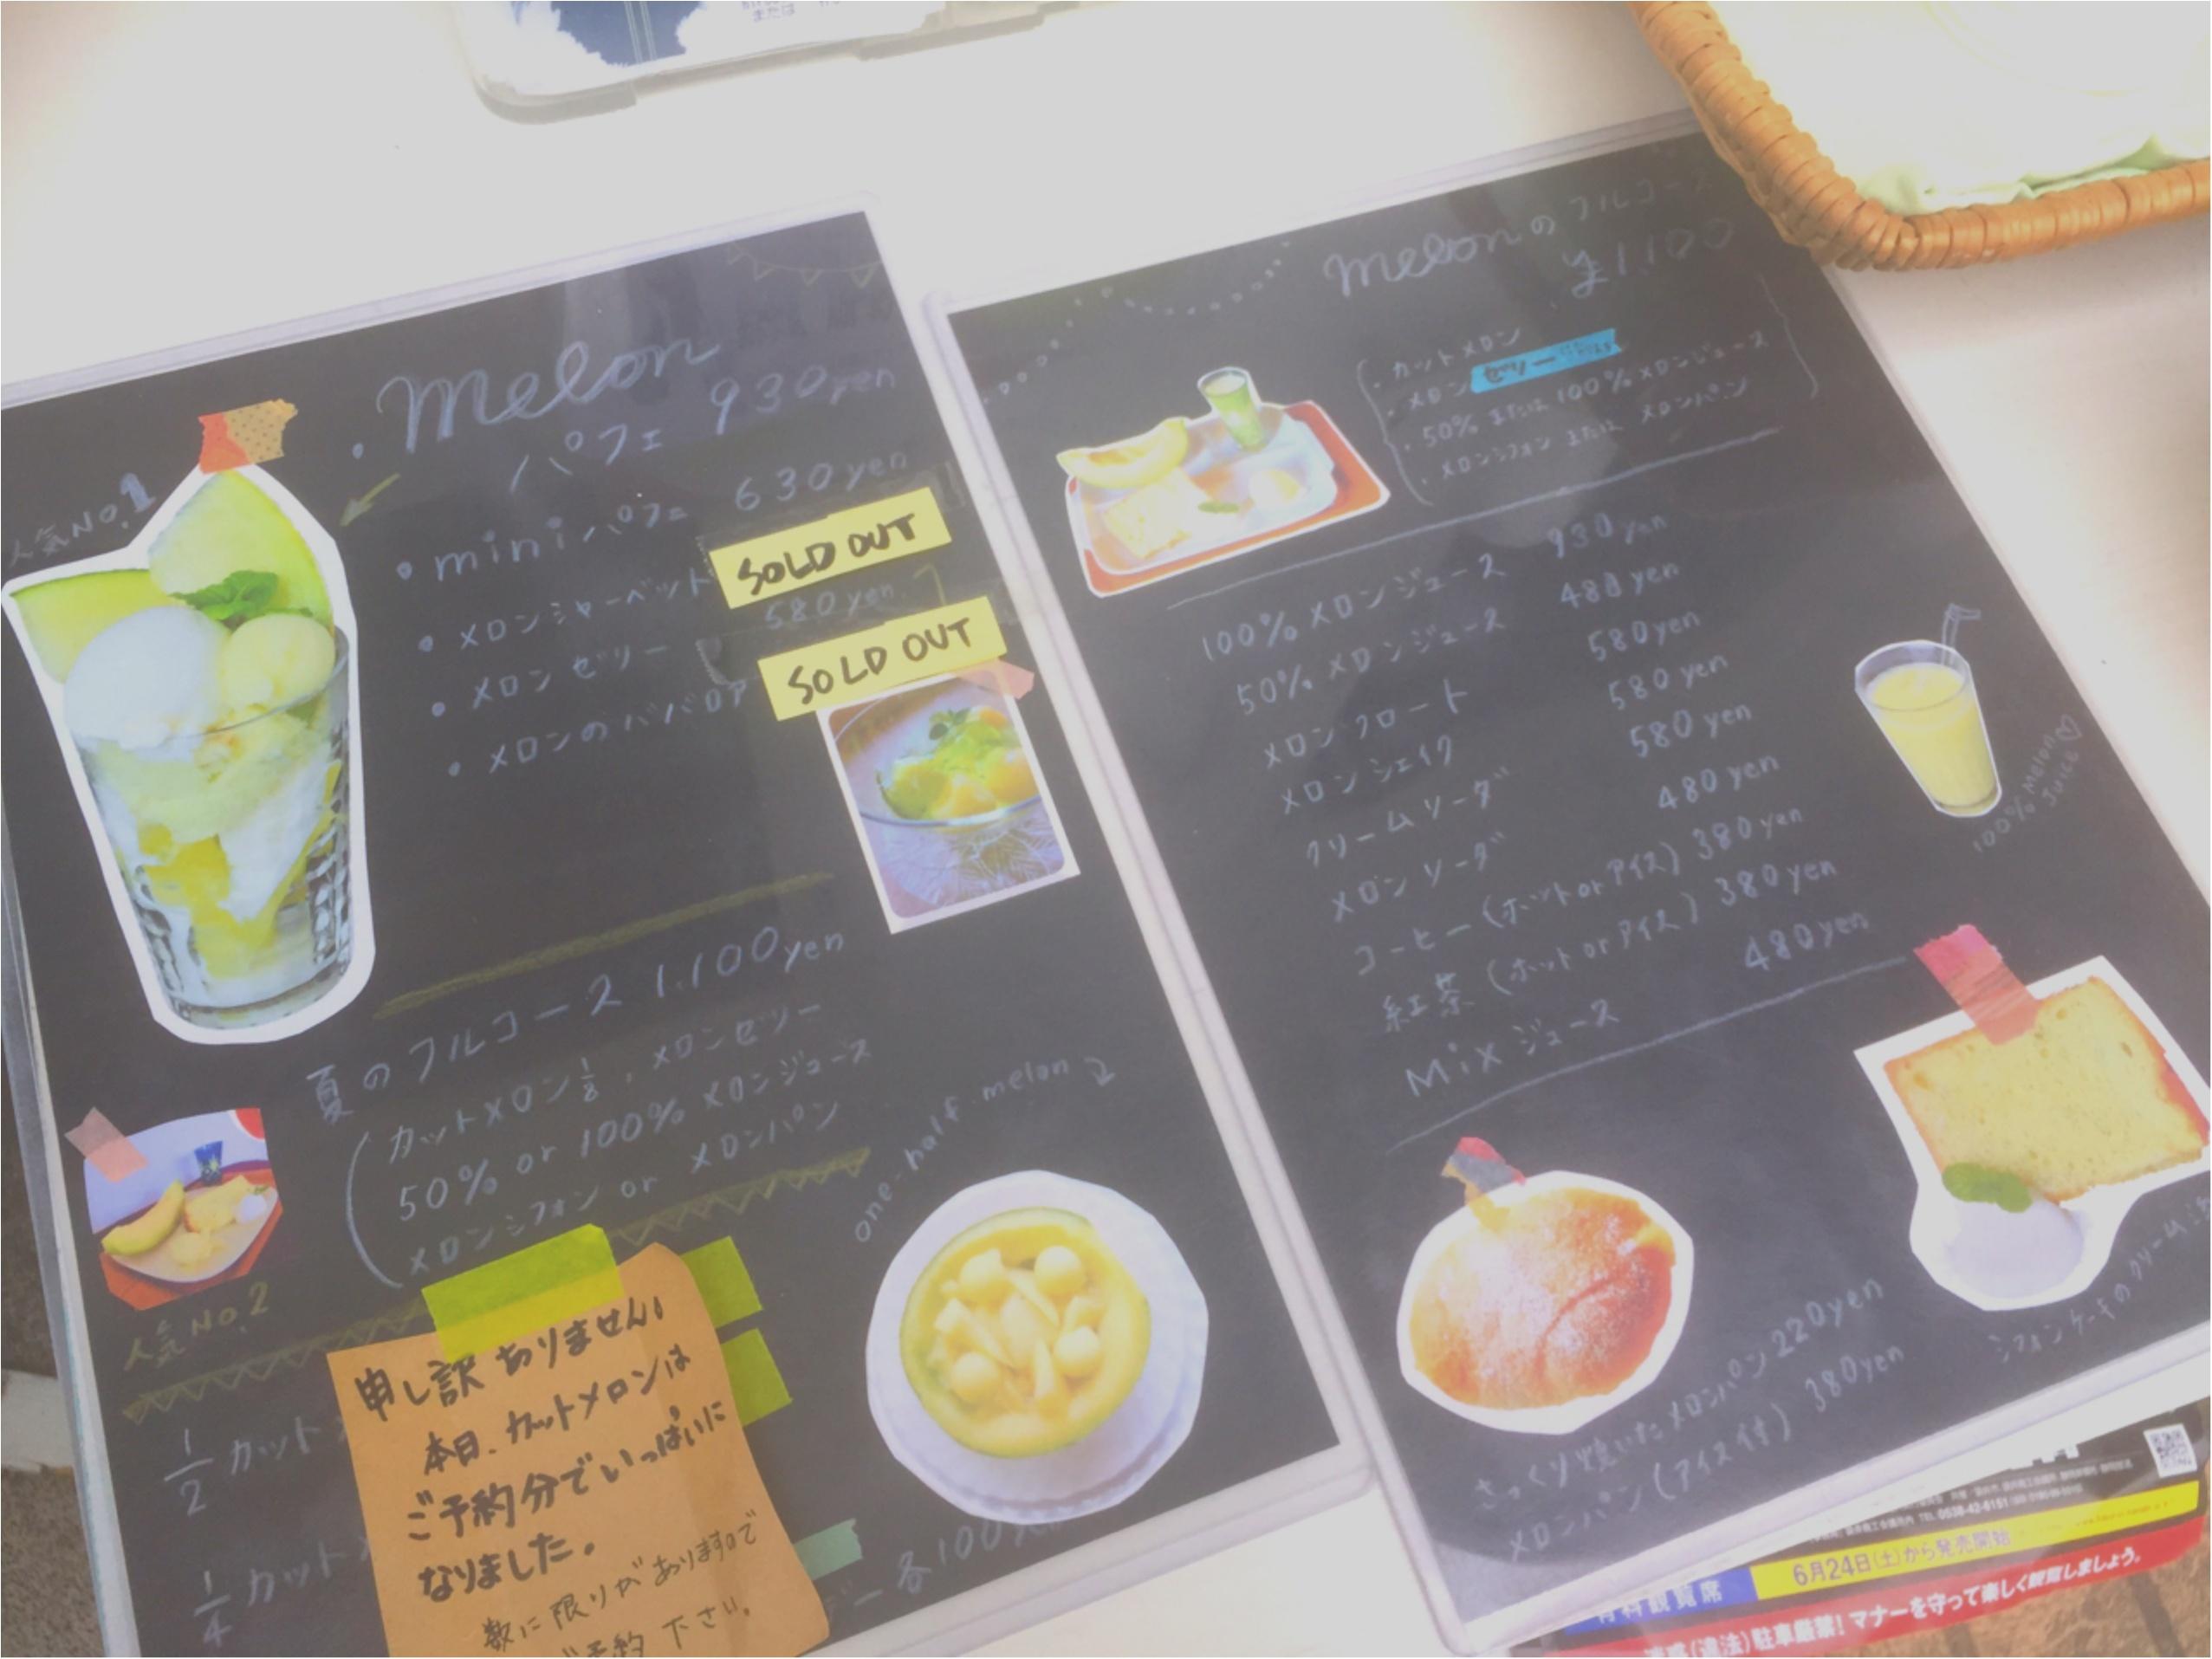 メロン好きは必見♡【名倉メロン農場】のメロンづくしのカフェに行ってきました♡_6